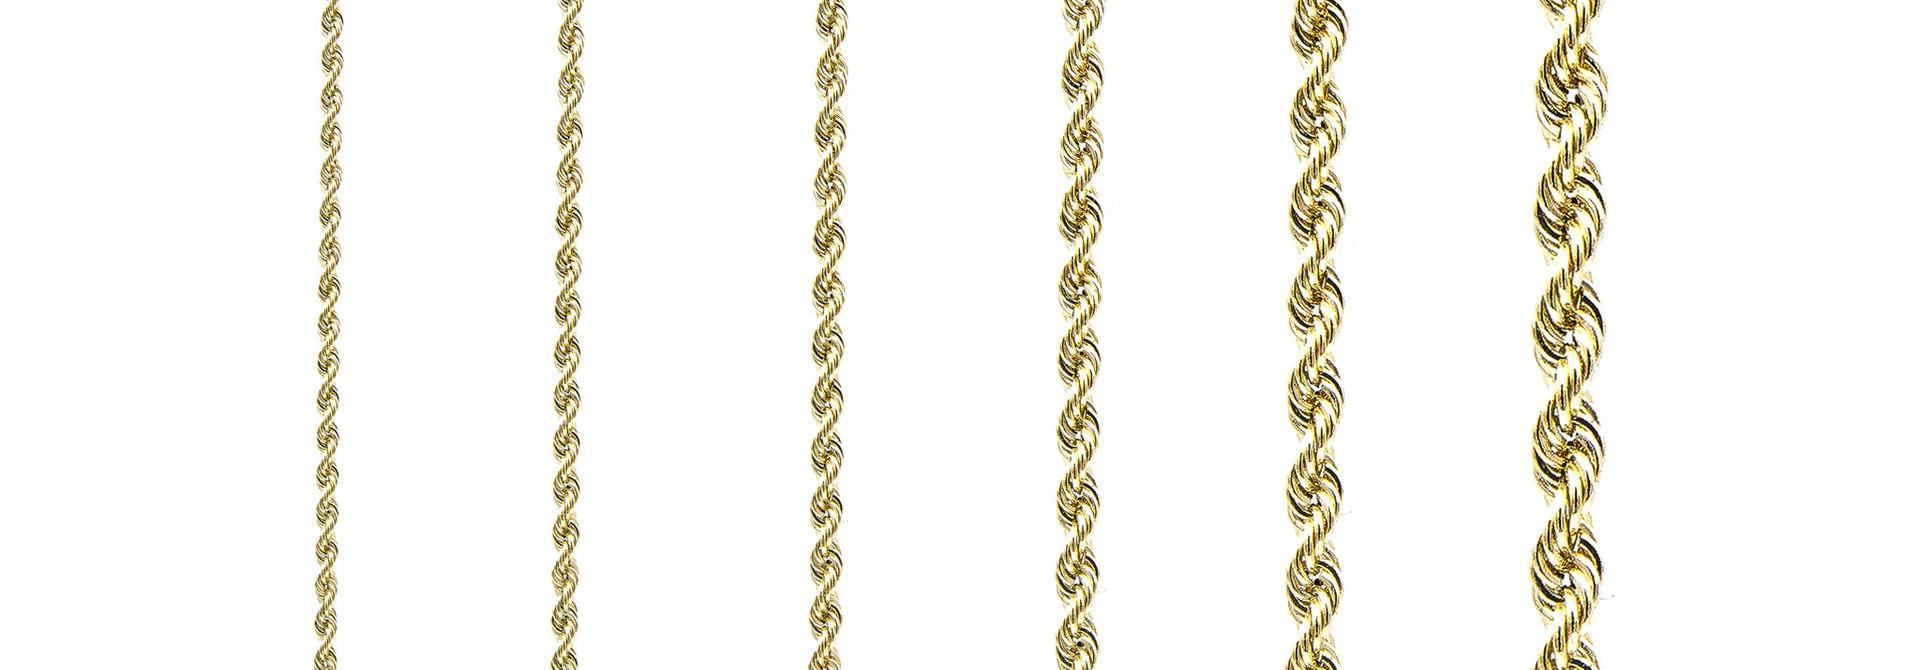 Rope armband Nederlands goud 18 kt 4mm